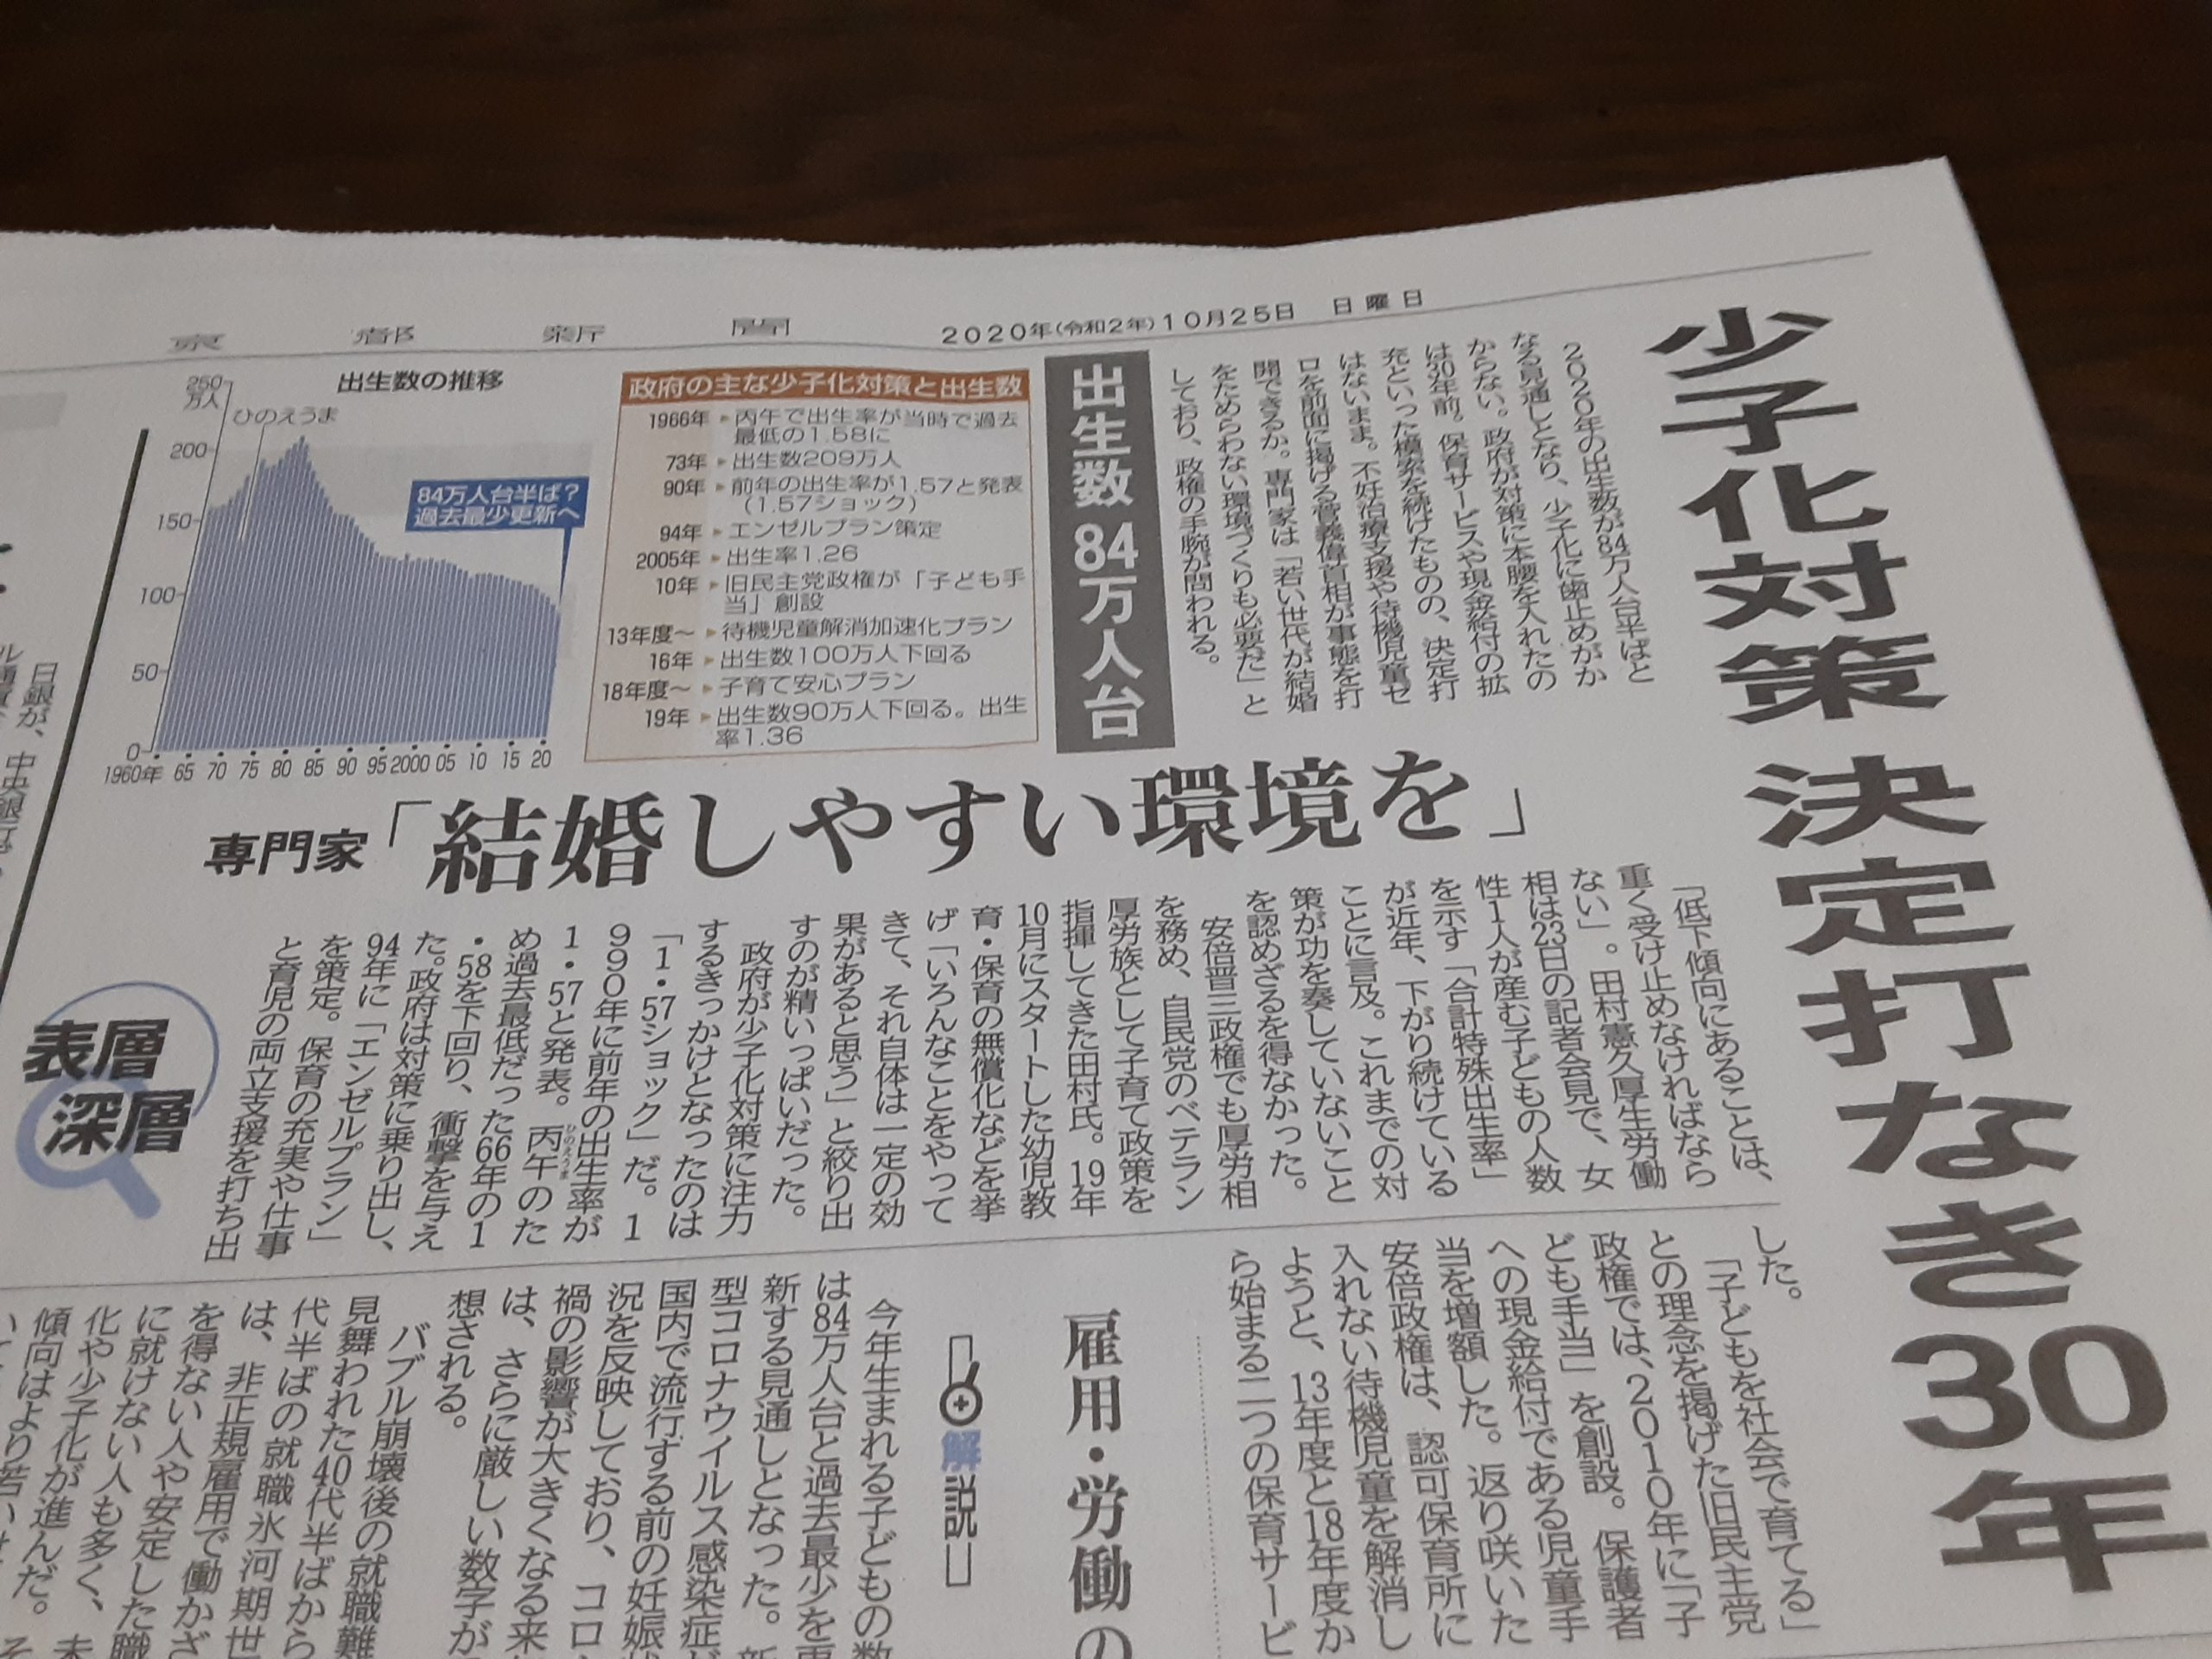 『日本の少子化の主因は未婚化だ❗』京都新聞に掲載されていました。危機感がつのります💦